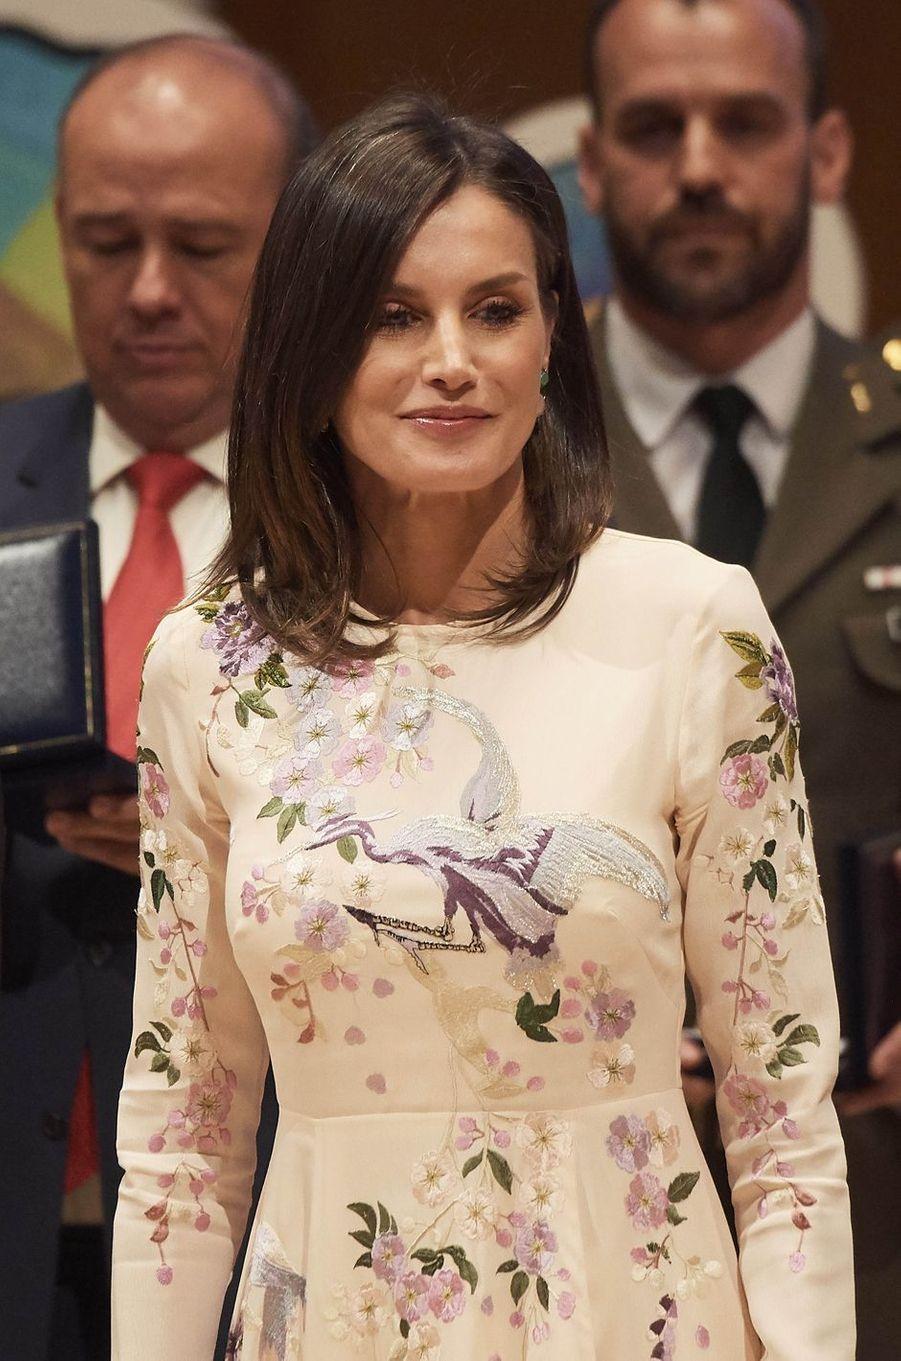 Détail de la robe brodée de la reine Letizia d'Espagne à Saragosse, le 7 mai 2019